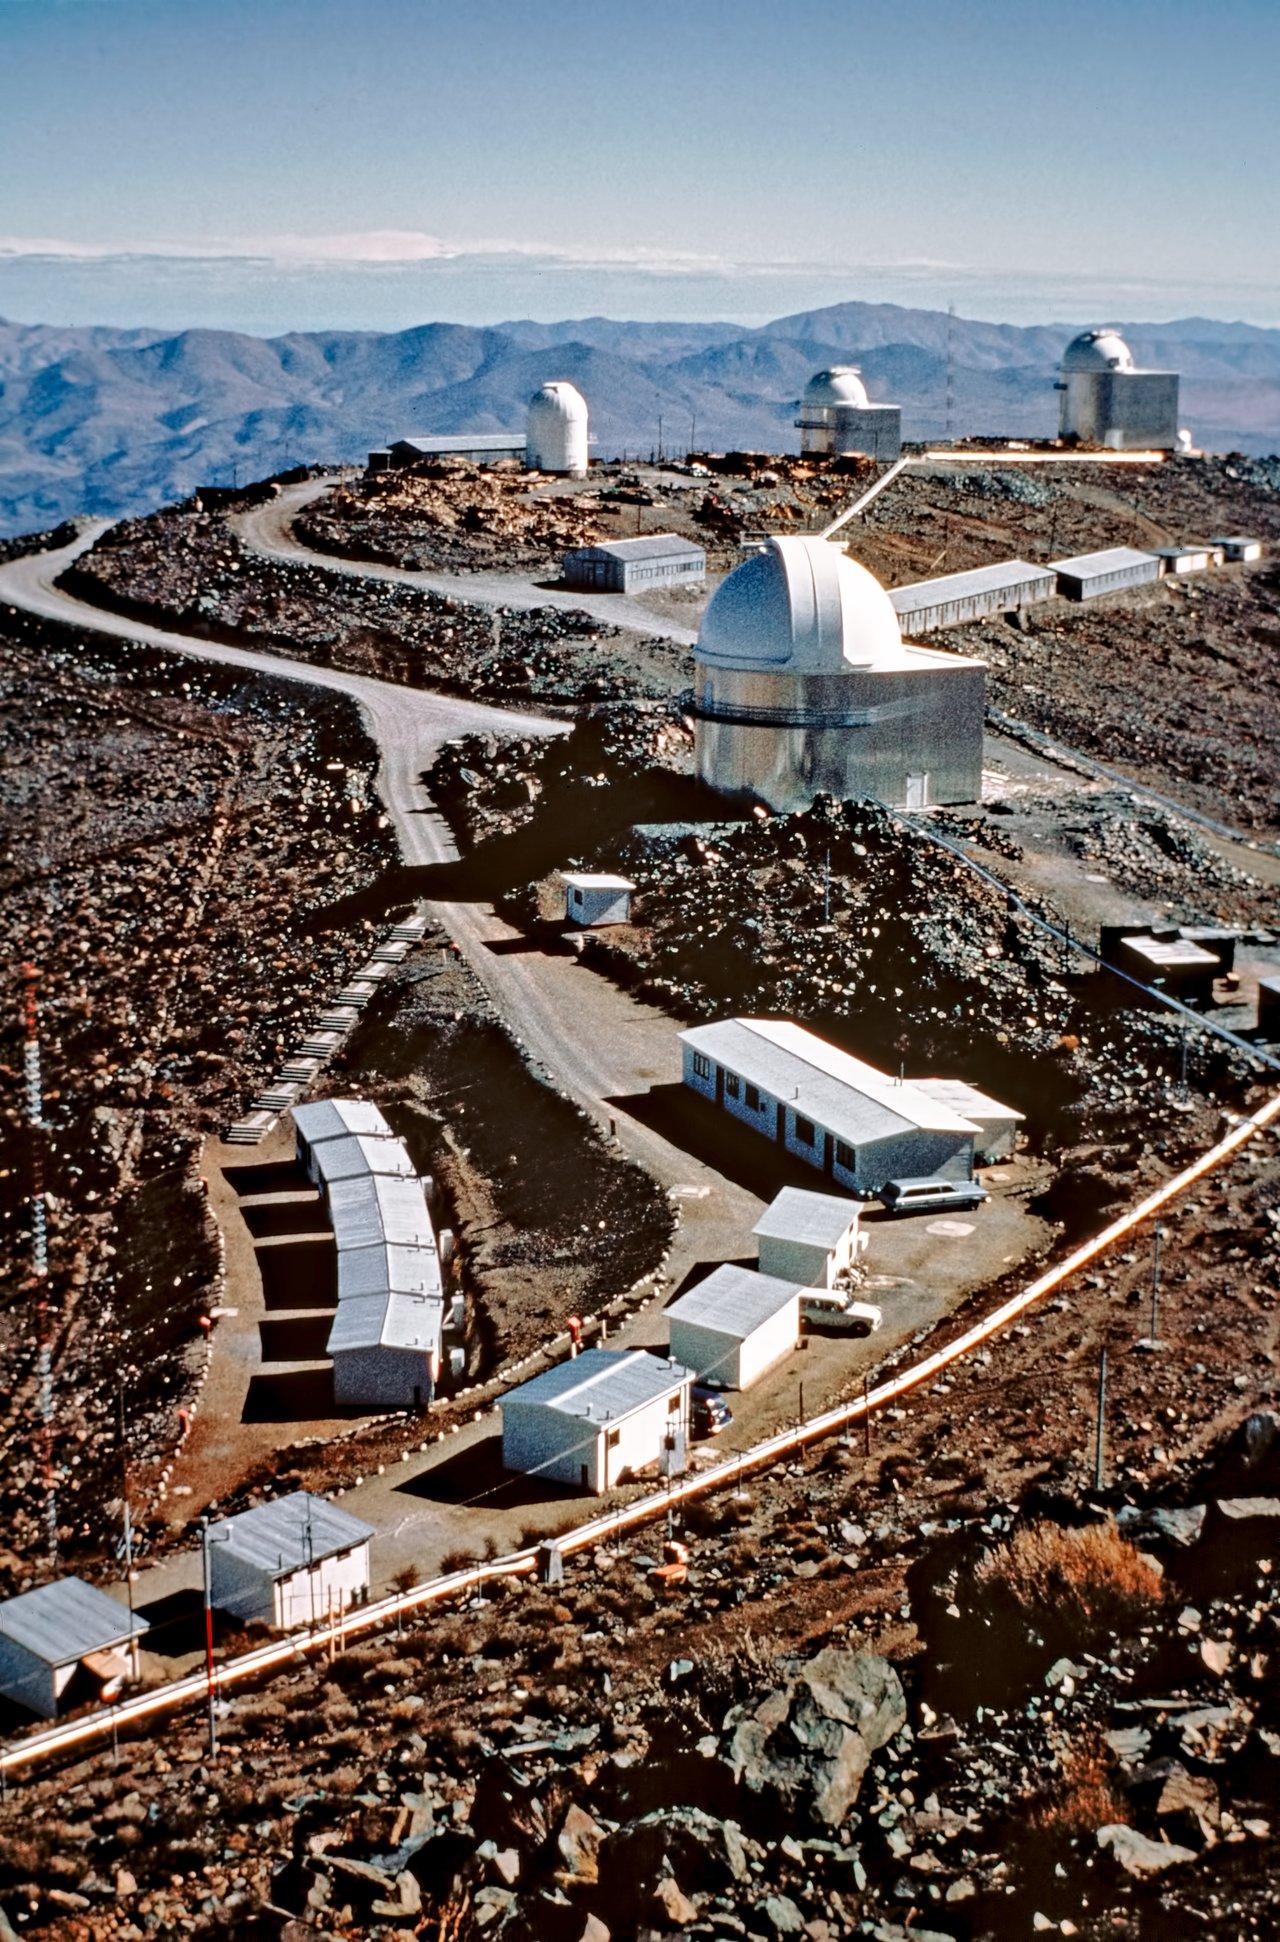 Una ventana al pasado — Transformación del observatorio de La Silla a través del tiempo